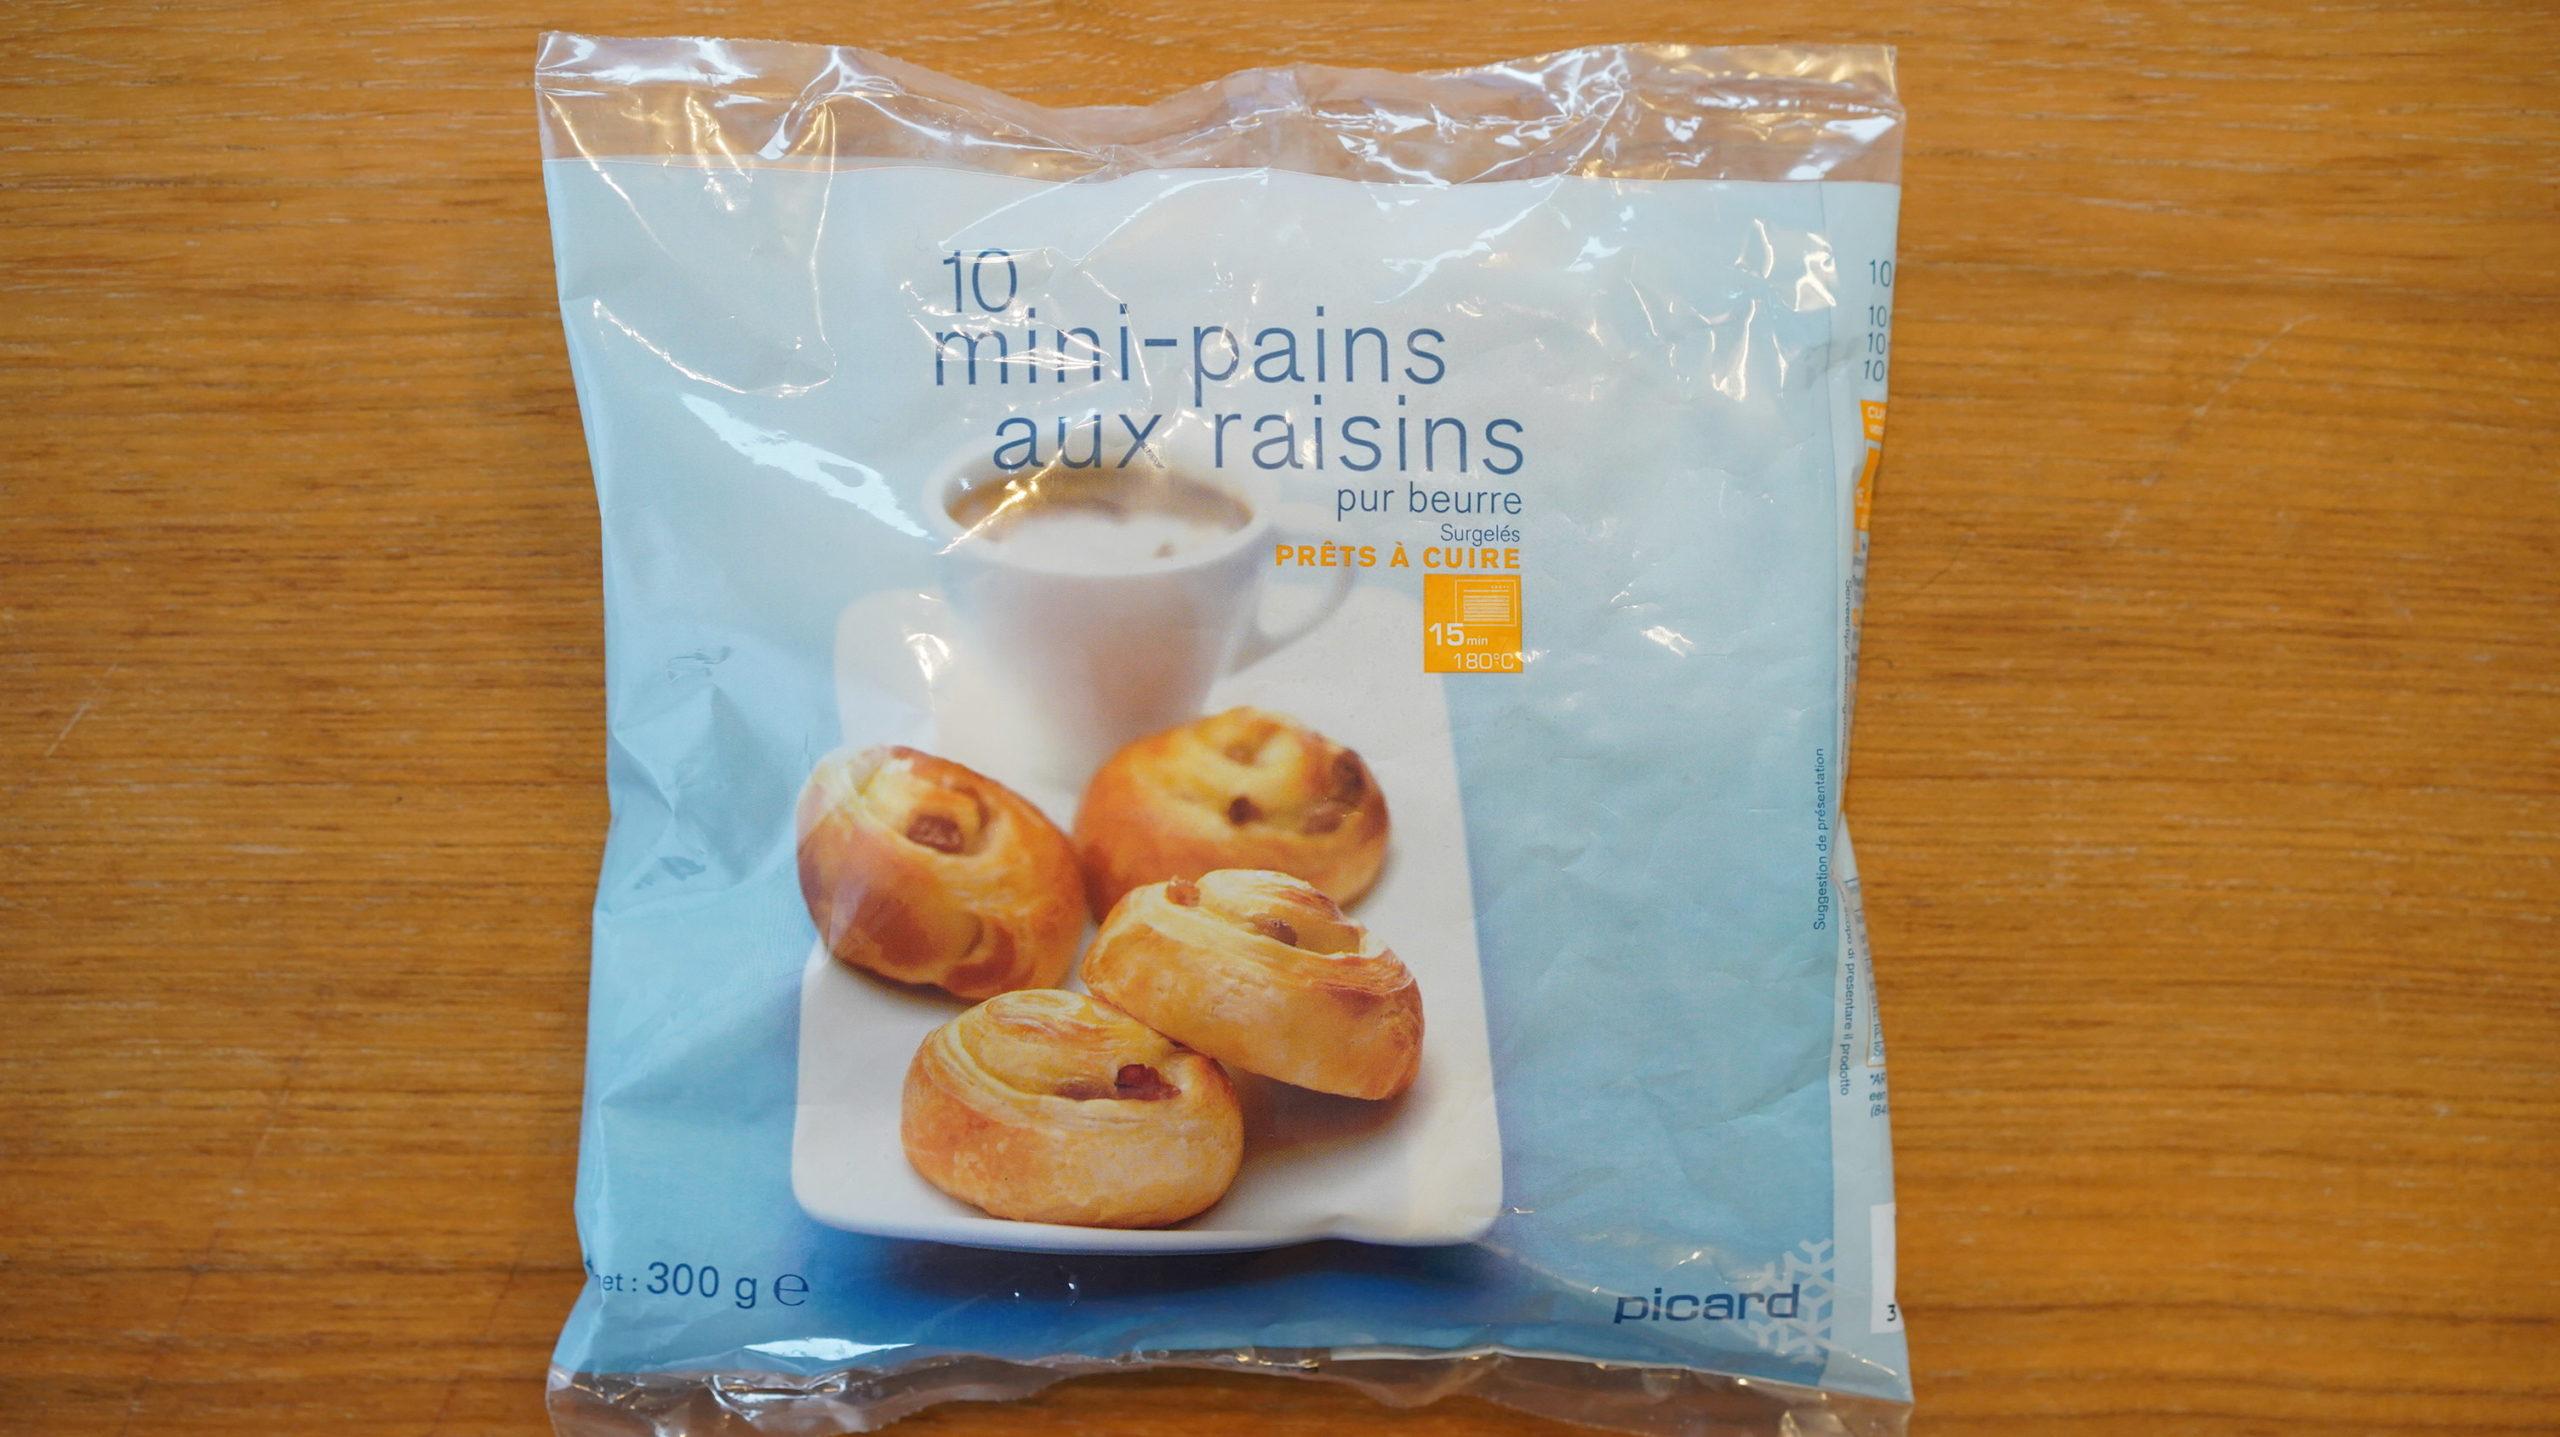 ピカールのおすすめ冷凍食品「ミニ・パンオレザン」のパッケージ写真